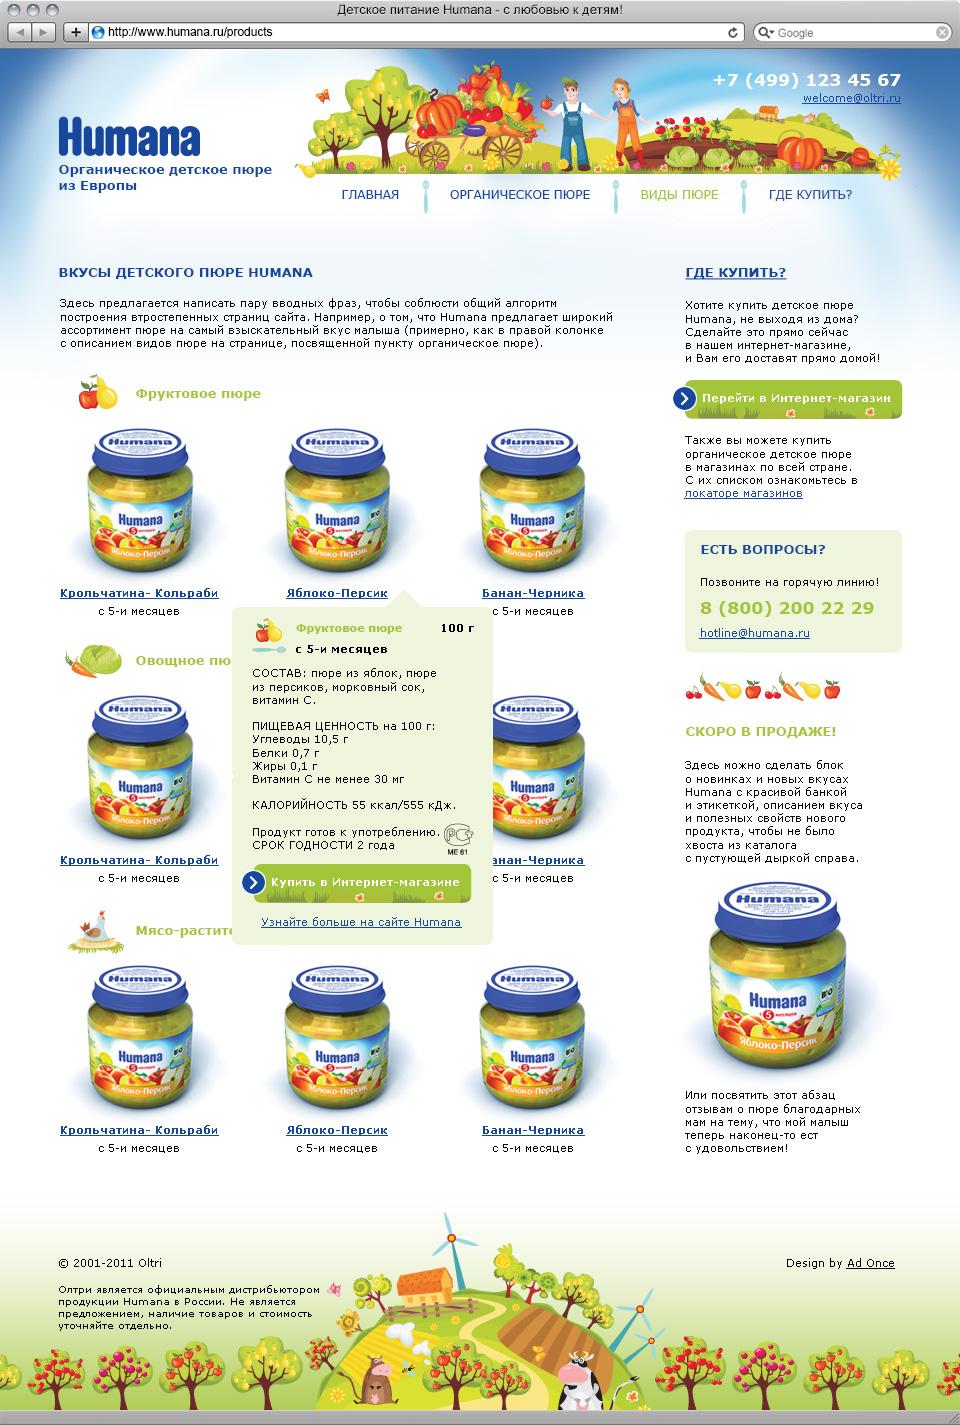 humana_web_safari_960px_products2